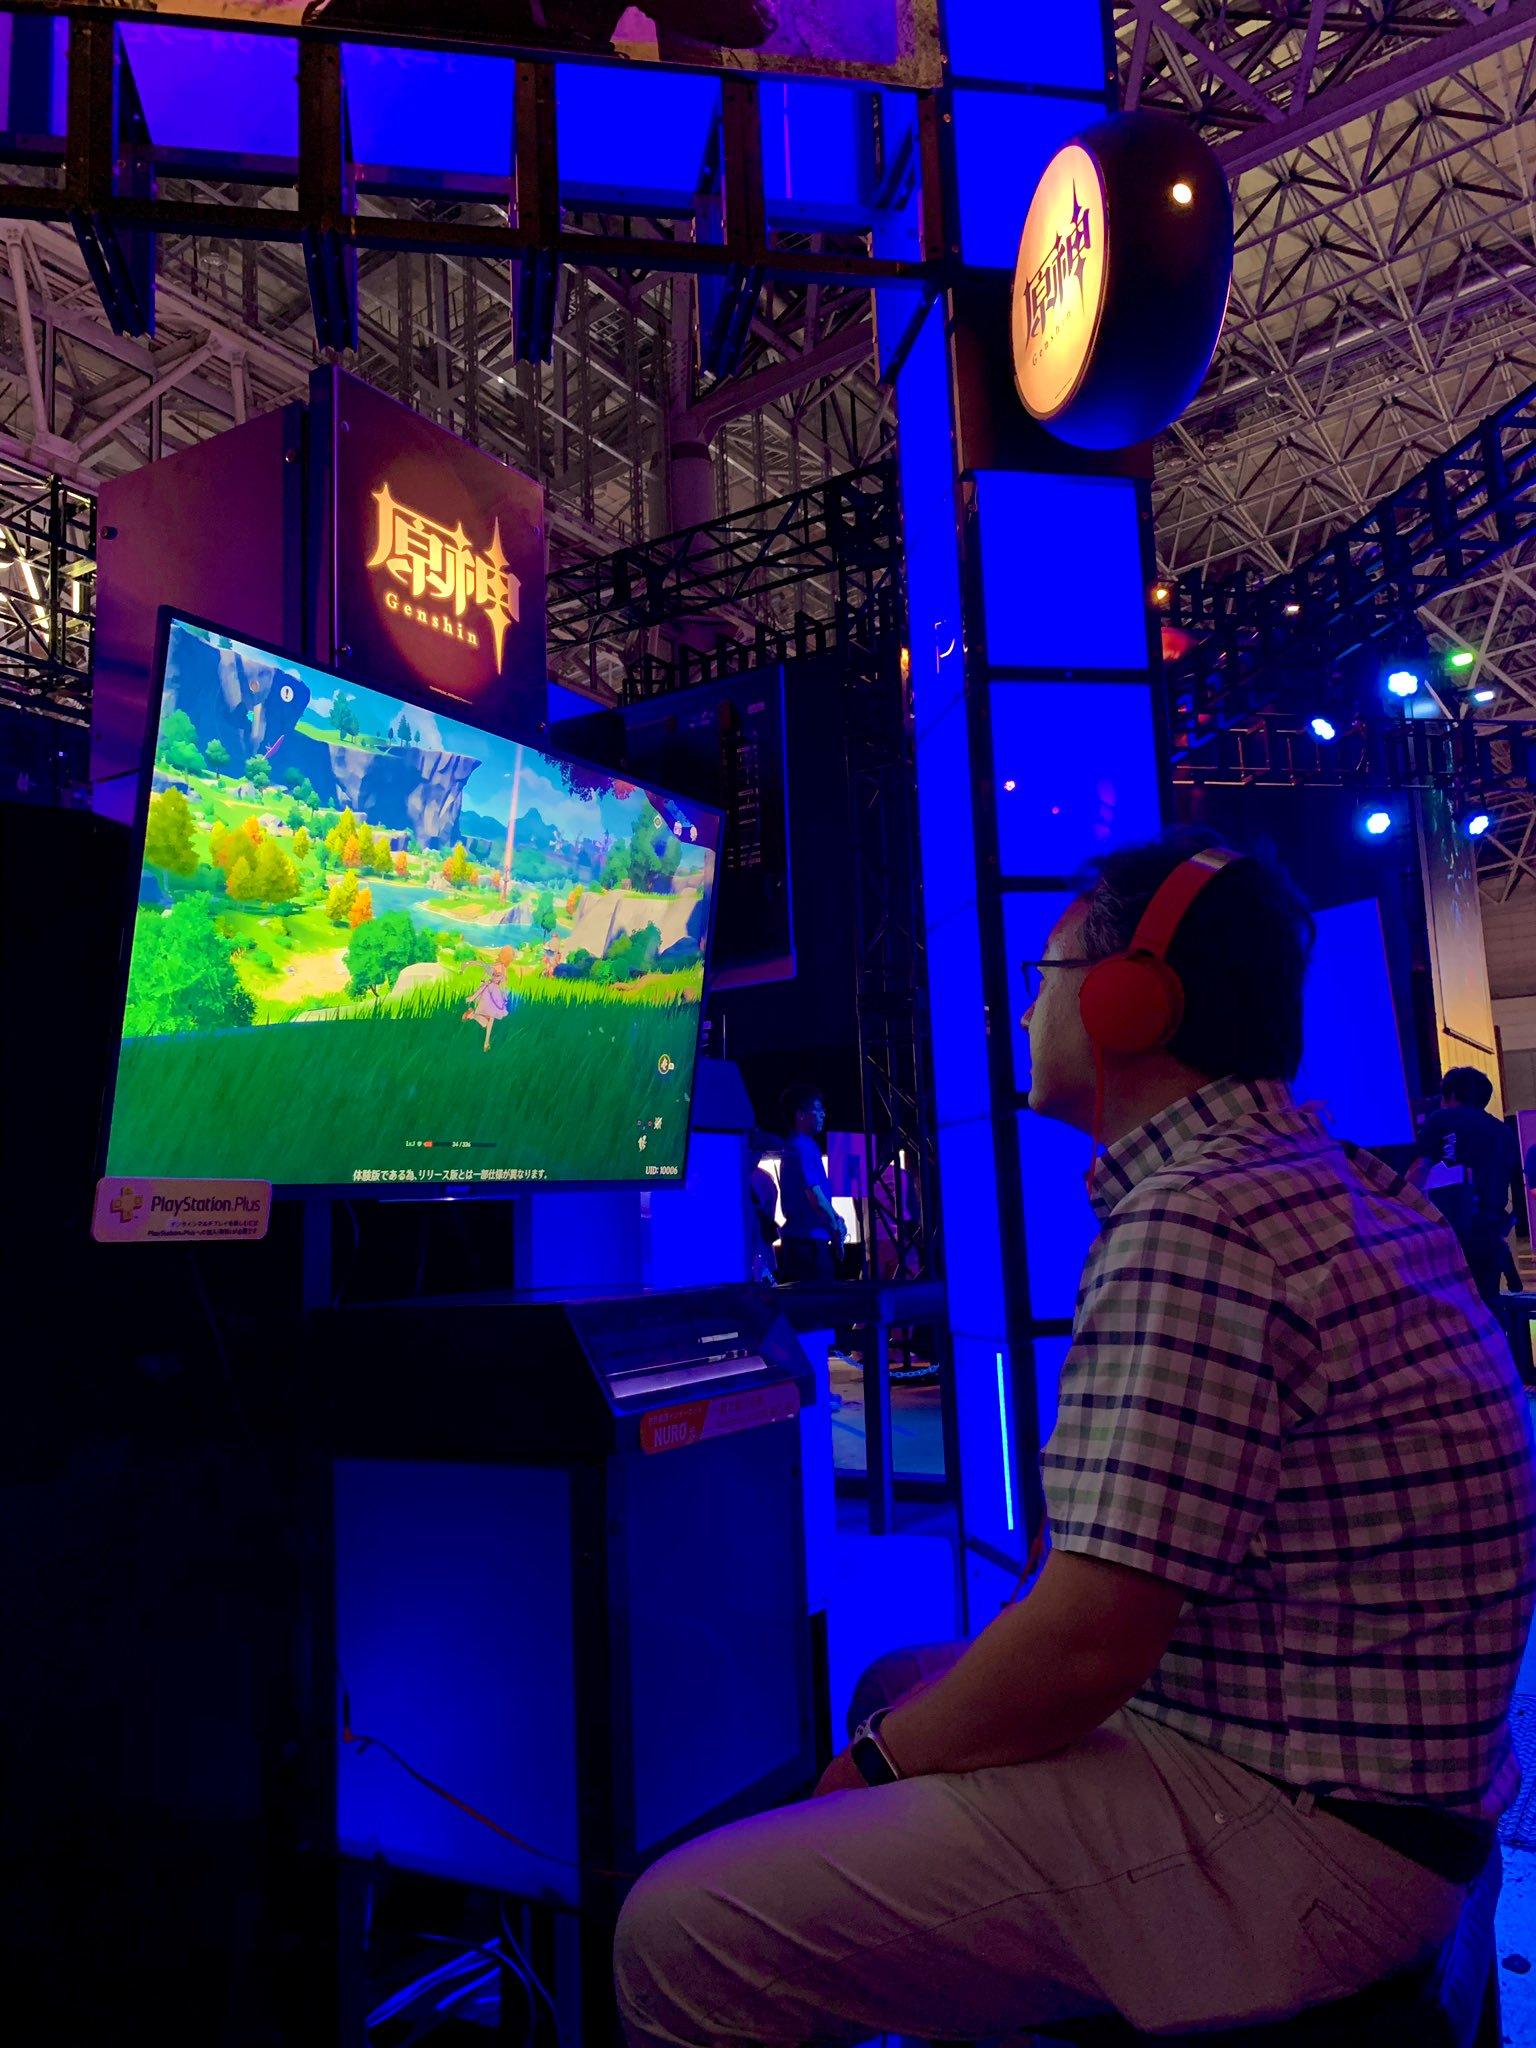 TGS:大牌粉丝!索尼全球工作室总裁邀请玩家试玩《原神》